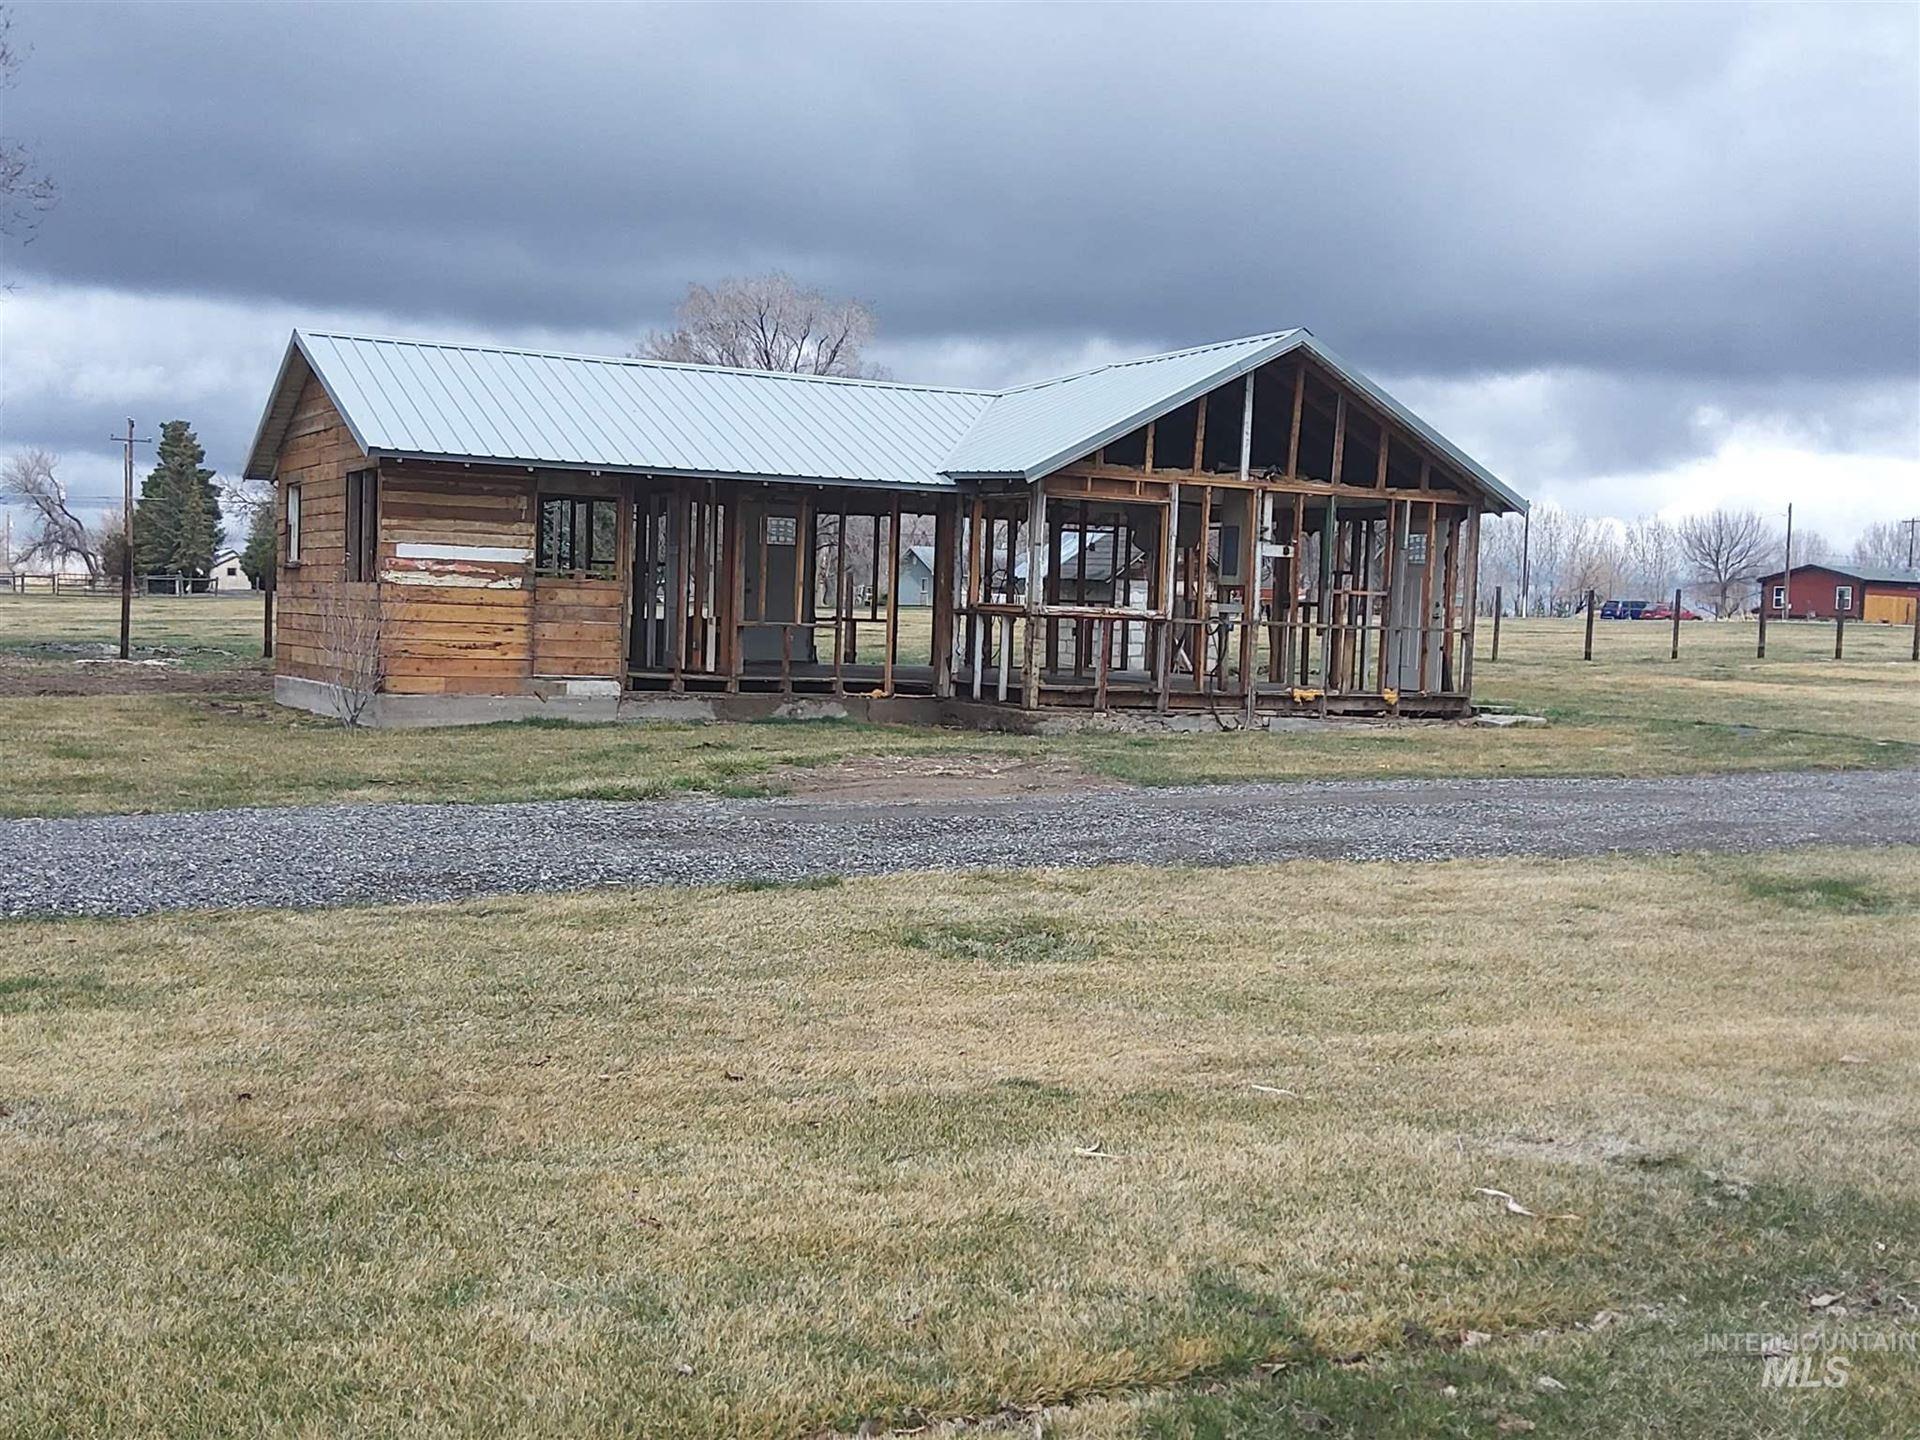 Photo of 4220 N 1410 E Peck, Buhl, ID 83316 (MLS # 98799715)